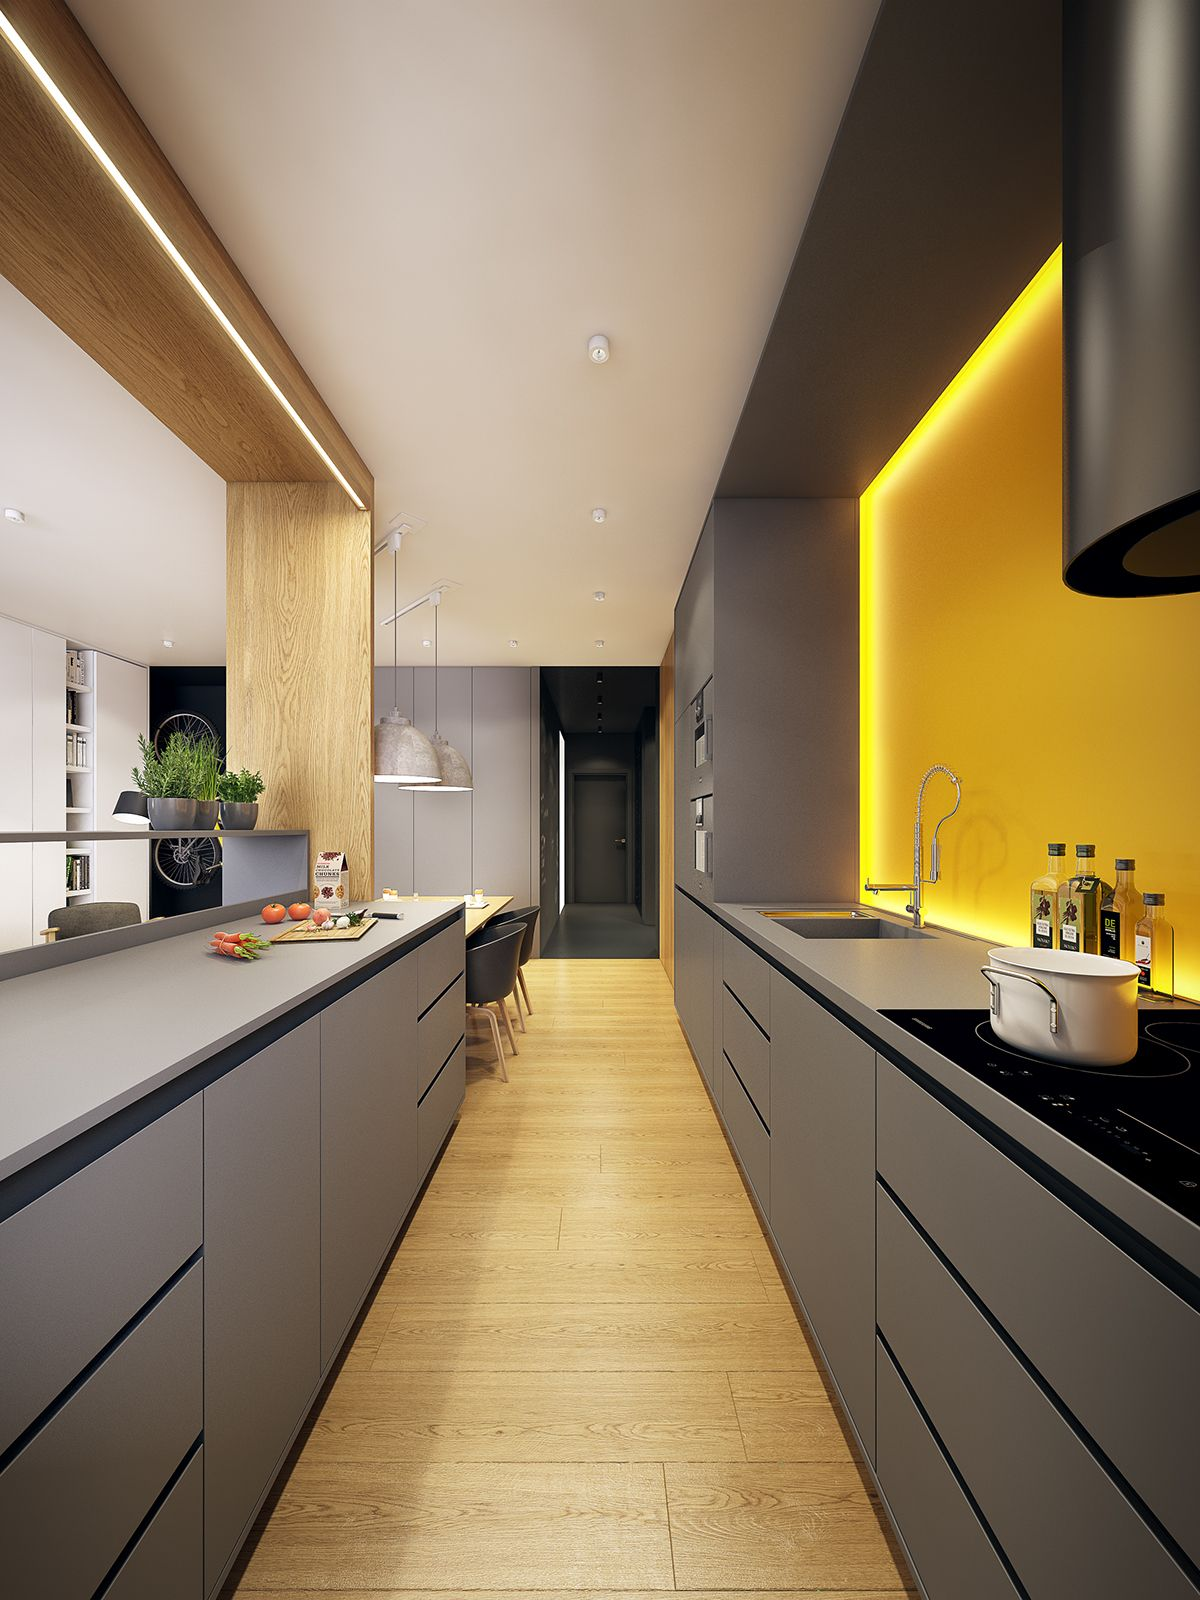 Moderne Zwei Zimmer Wohnung | Zwei zimmer wohnung, Stil und Küche